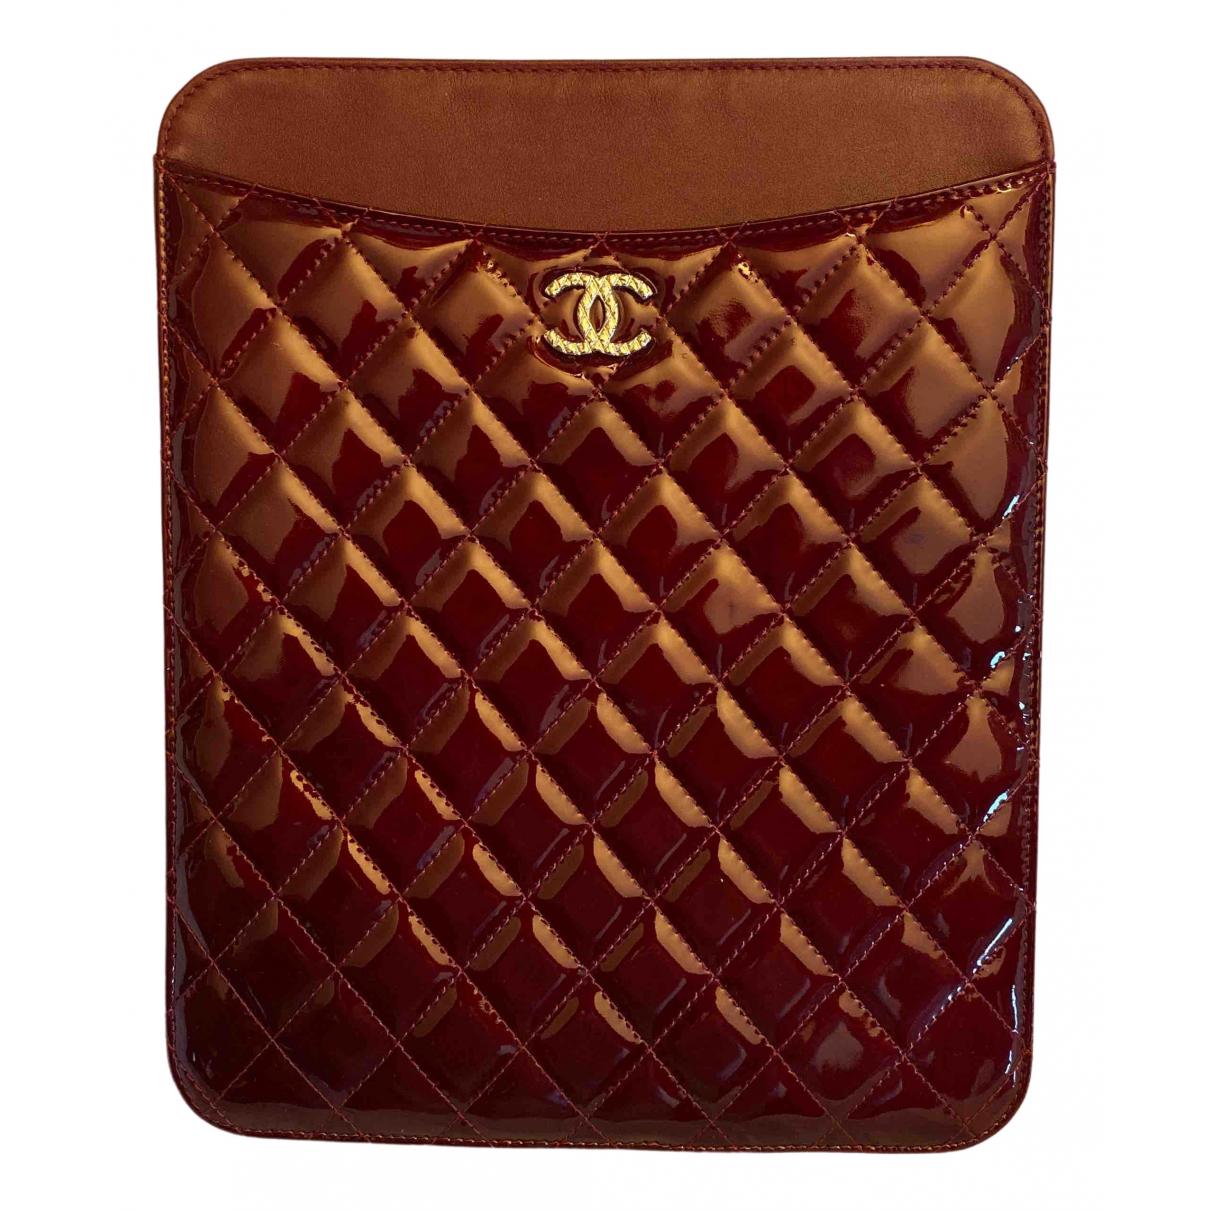 Chanel - Accessoires   pour lifestyle en cuir verni - bordeaux